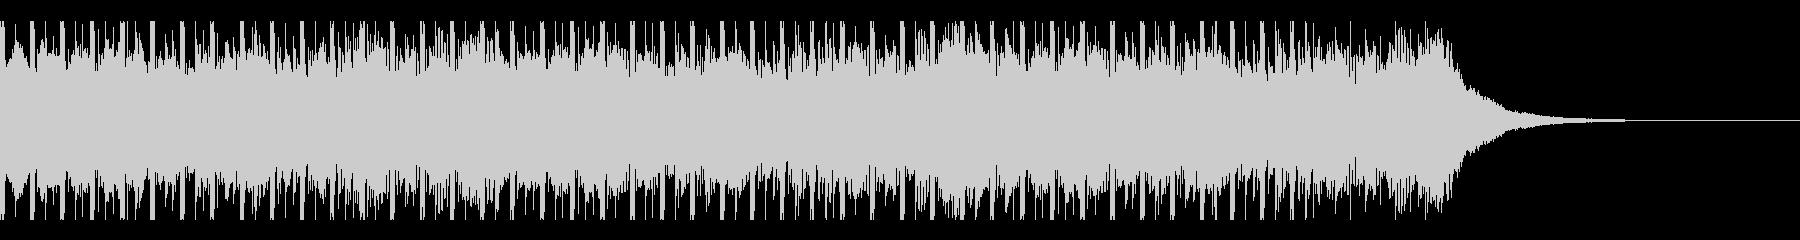 コーポレートローンチ(30秒)の未再生の波形